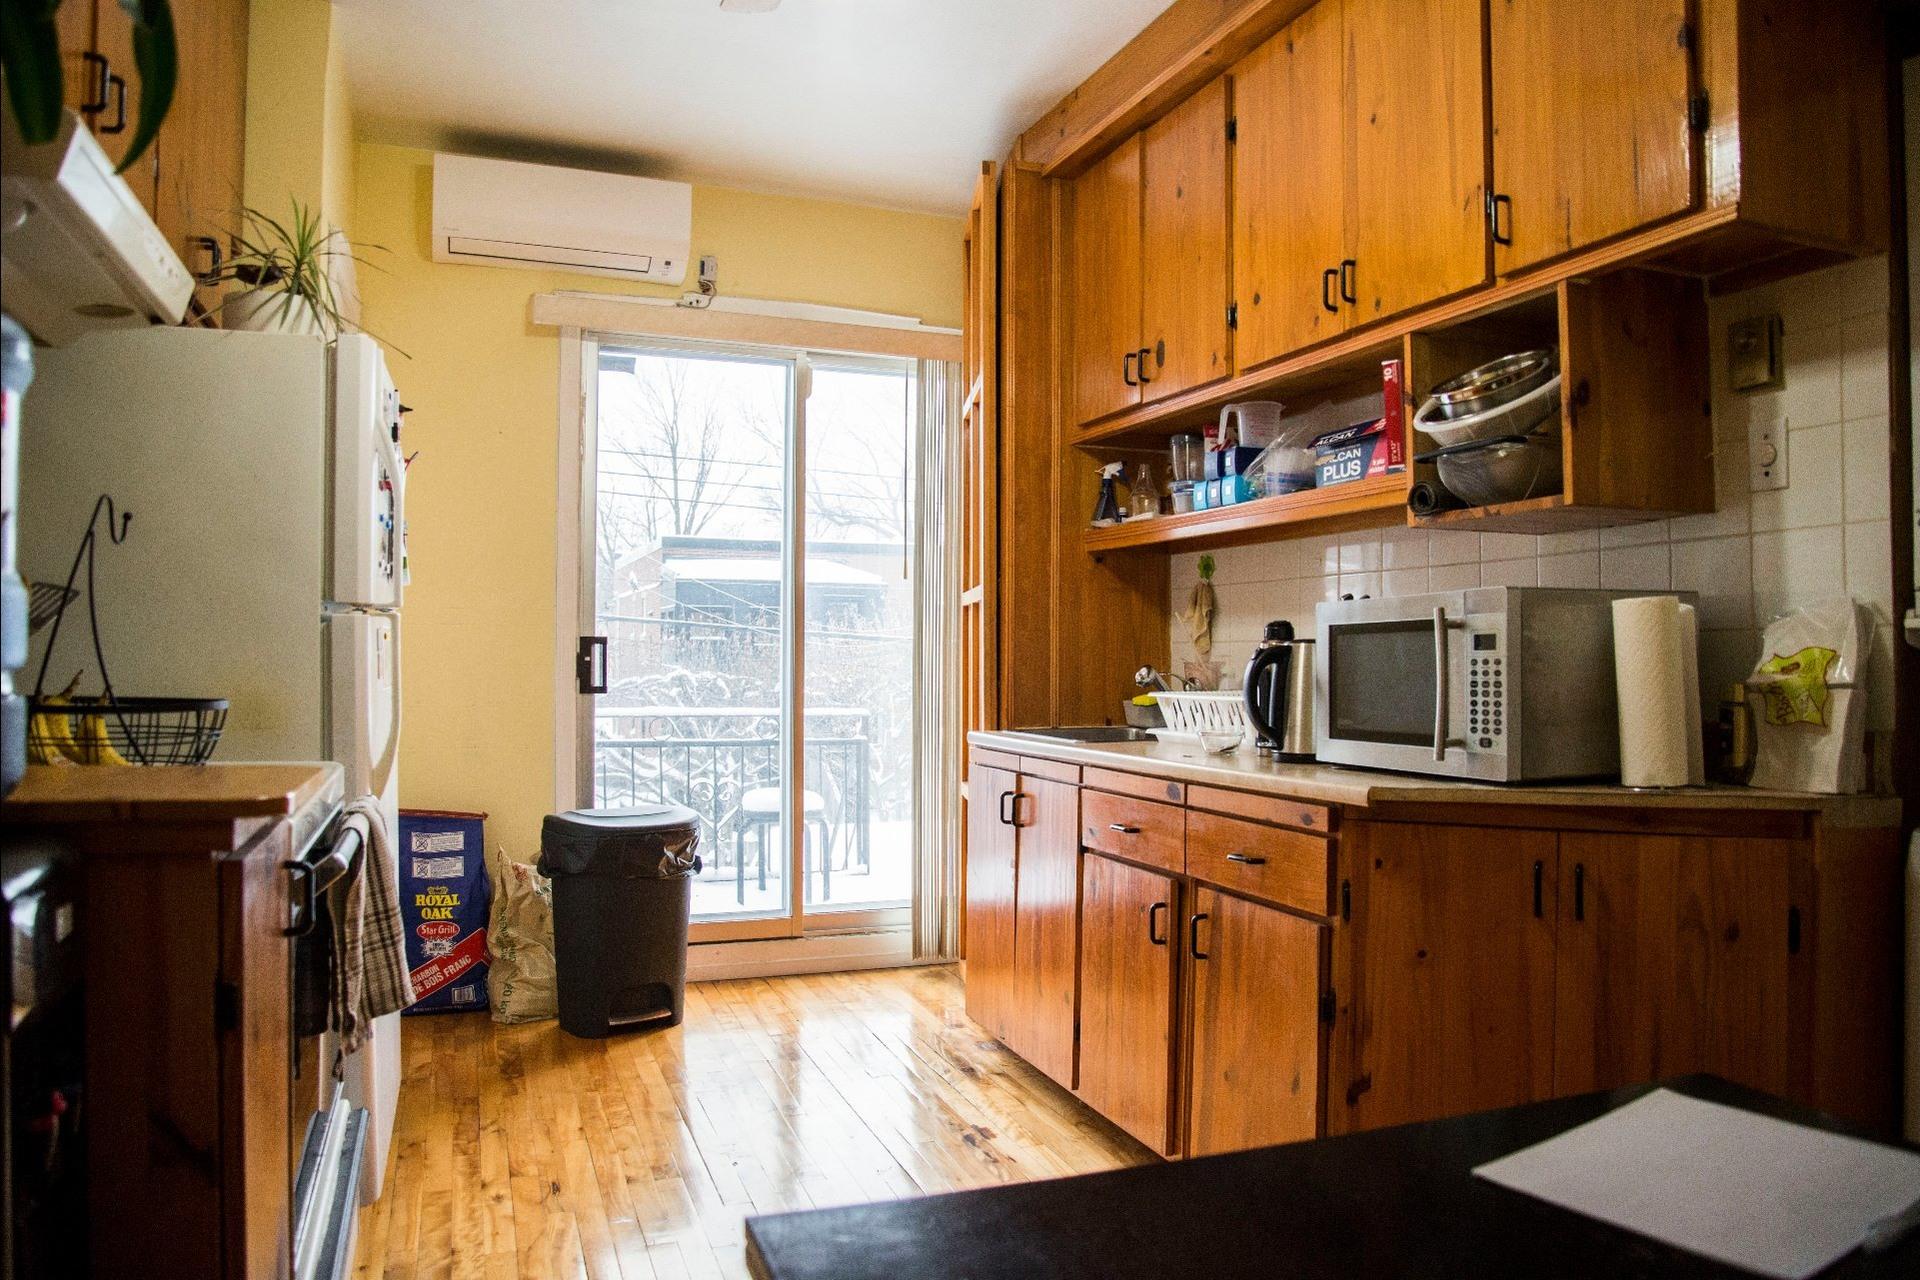 image 3 - Duplex À vendre Villeray/Saint-Michel/Parc-Extension Montréal  - 5 pièces